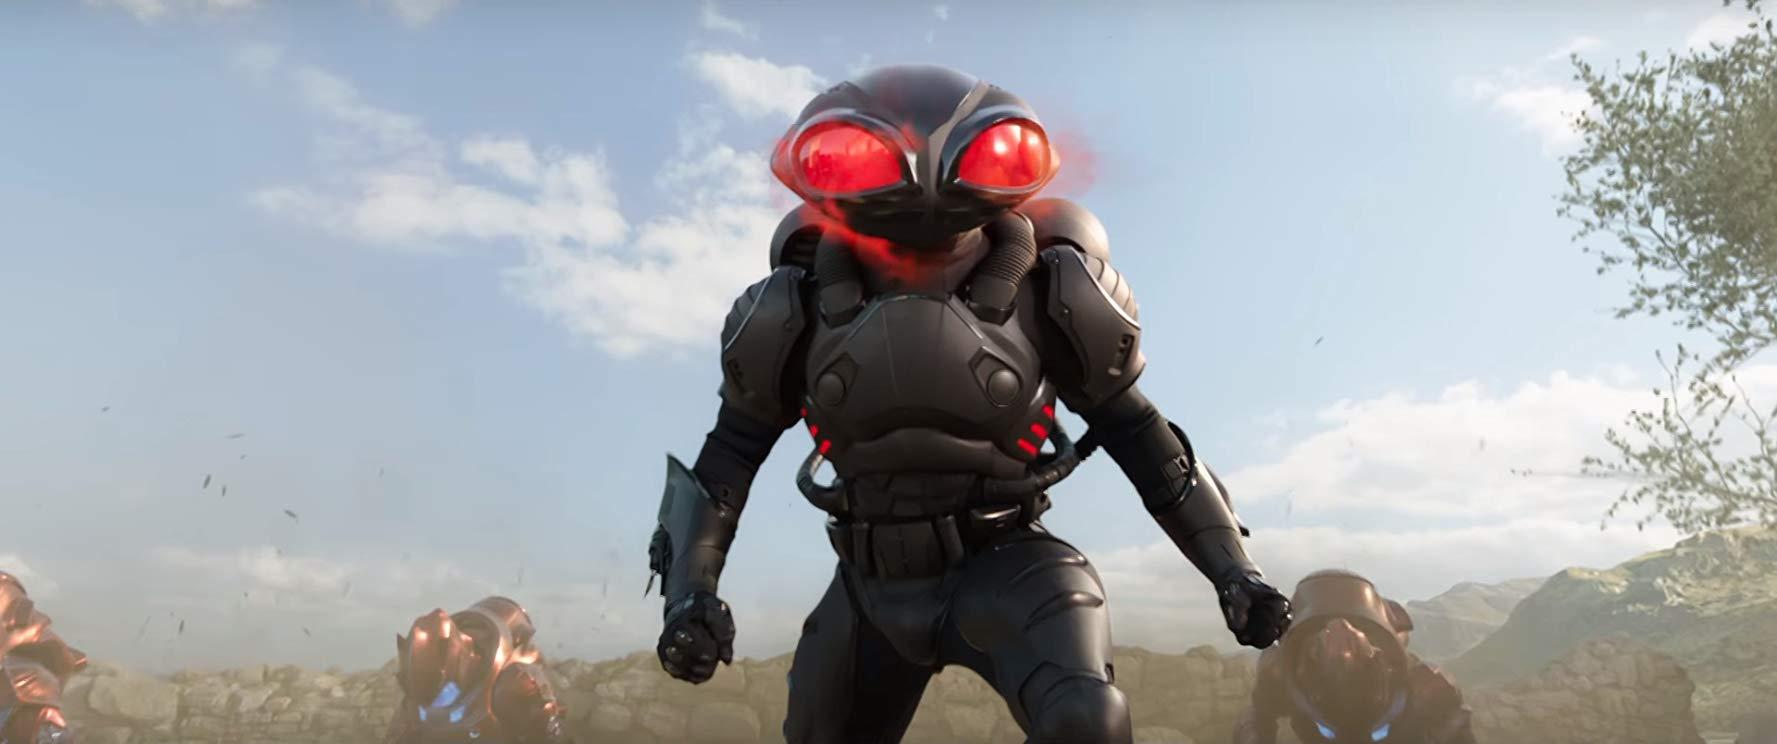 """Figo, ma la battle suit """"tokusatsu"""" di Manta è senza senso."""